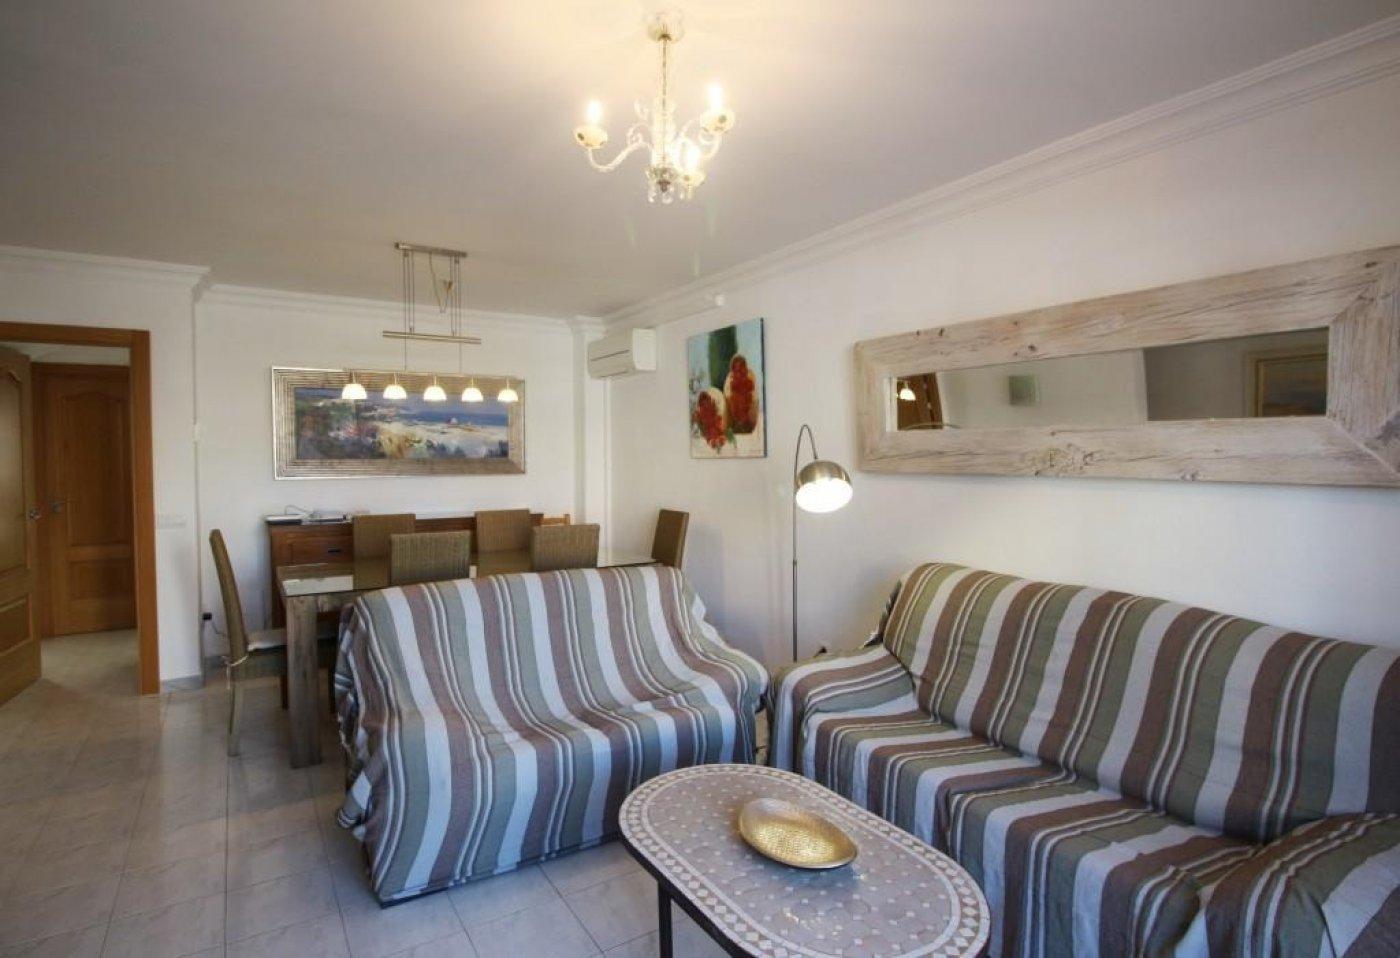 maison en colonia-de-sant-jordi · colonia-de-sant-jordi 0€